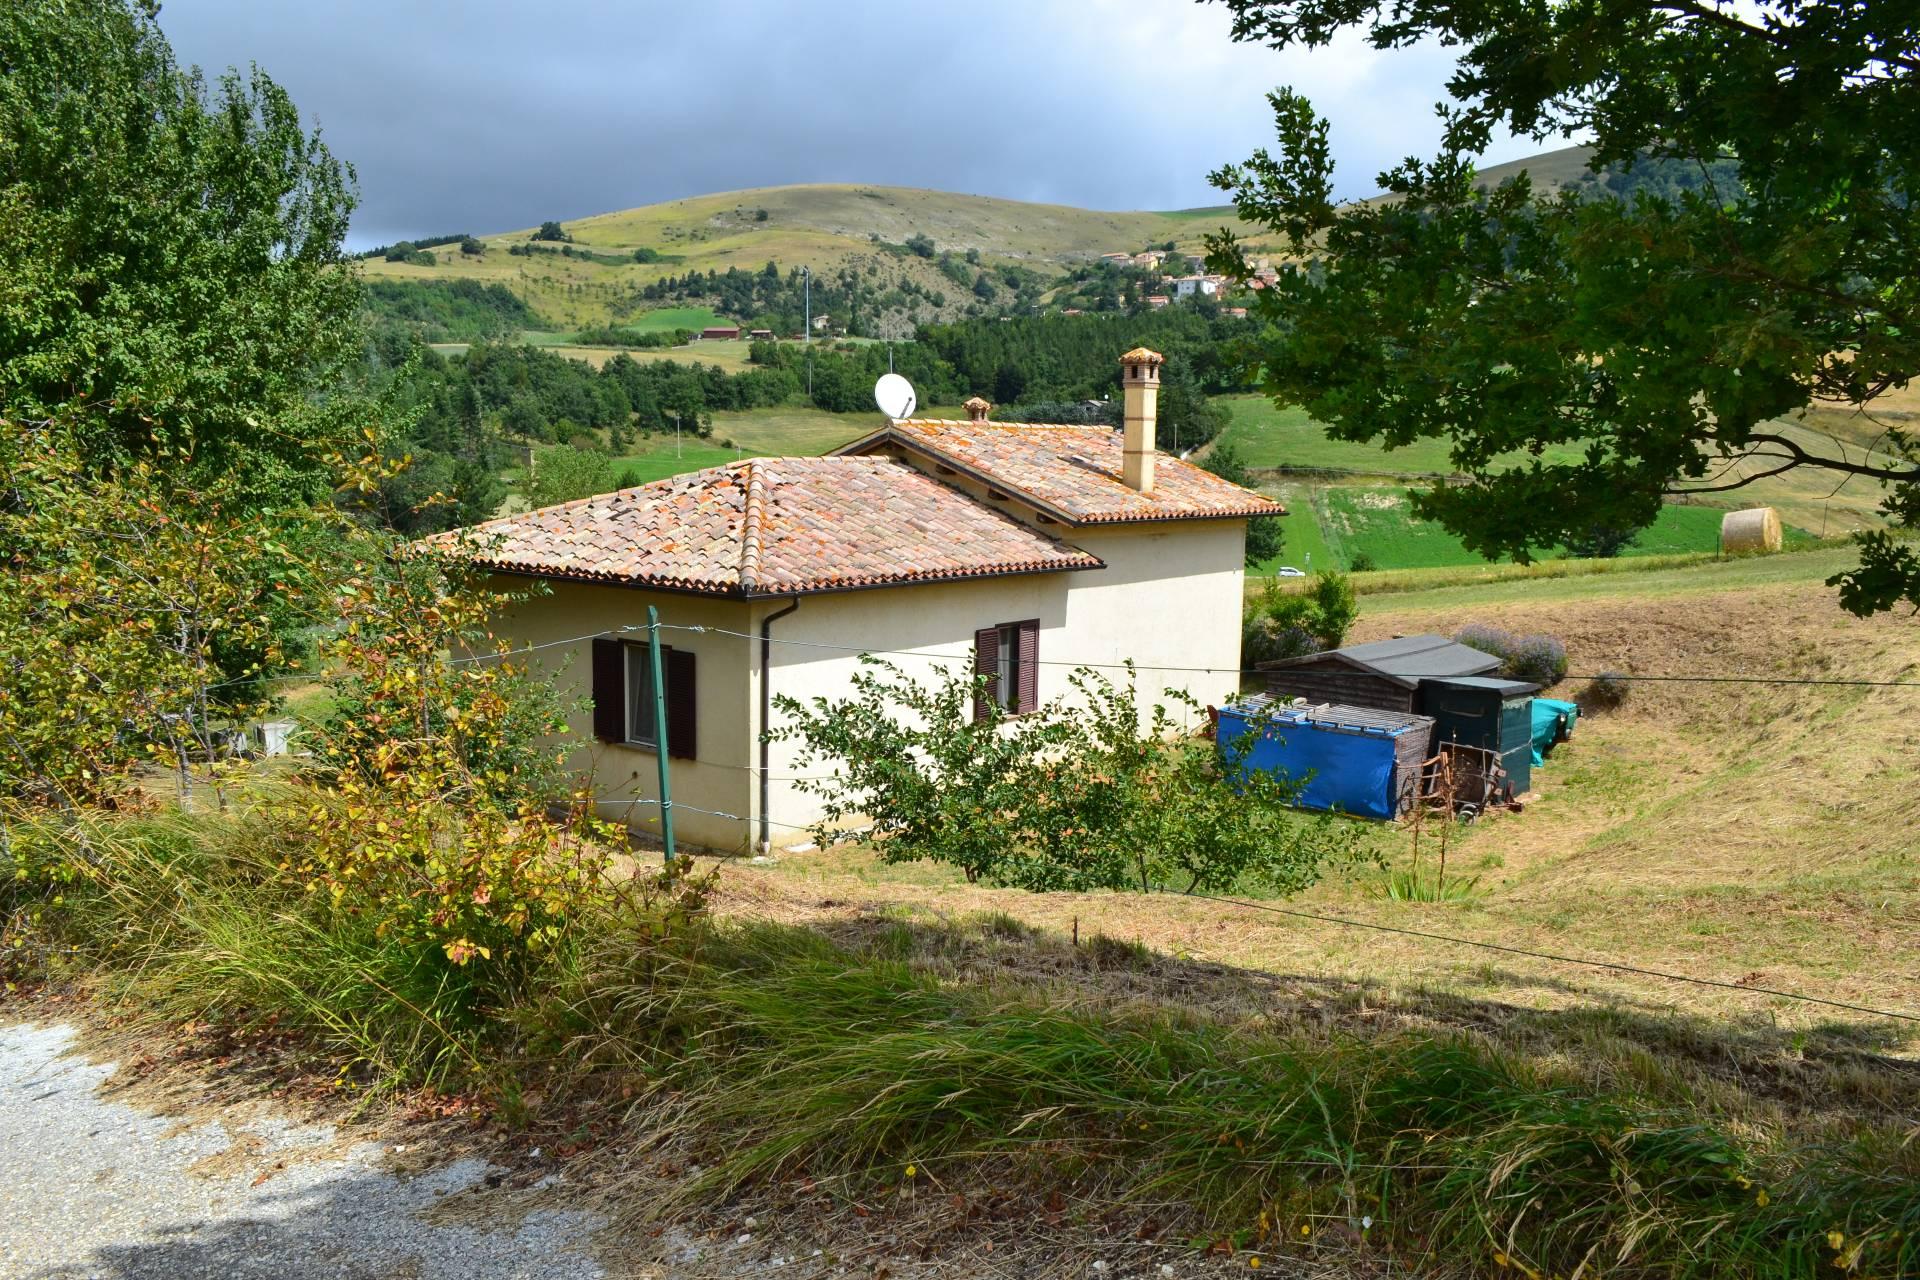 Soluzione Indipendente in vendita a Serravalle di Chienti, 5 locali, prezzo € 145.000 | Cambio Casa.it